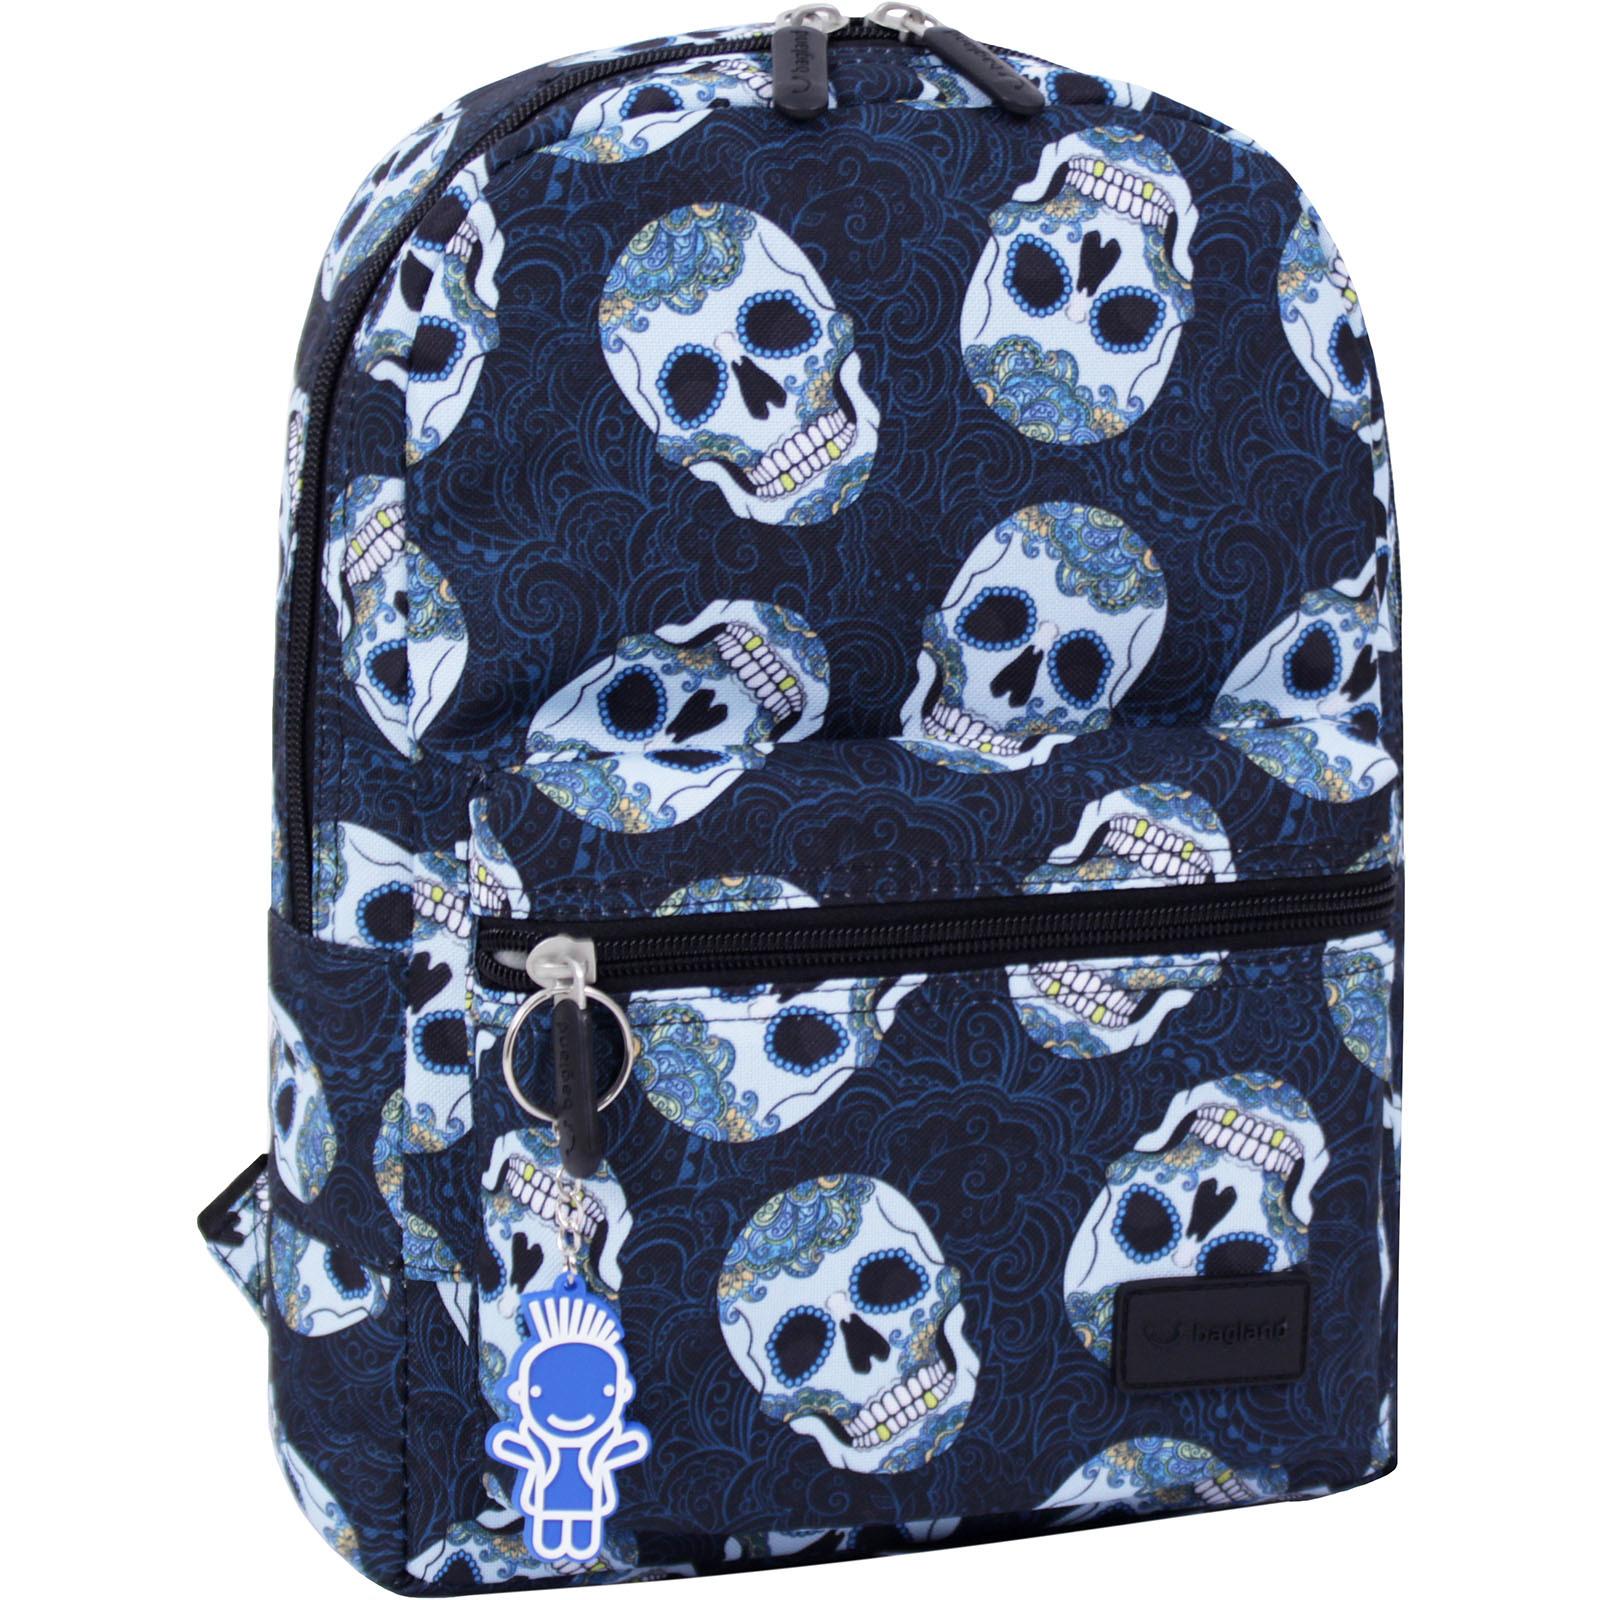 Детские рюкзаки Рюкзак Bagland Молодежный mini 8 л. сублимация 444 (00508664) IMG_3777_суб.444_.JPG